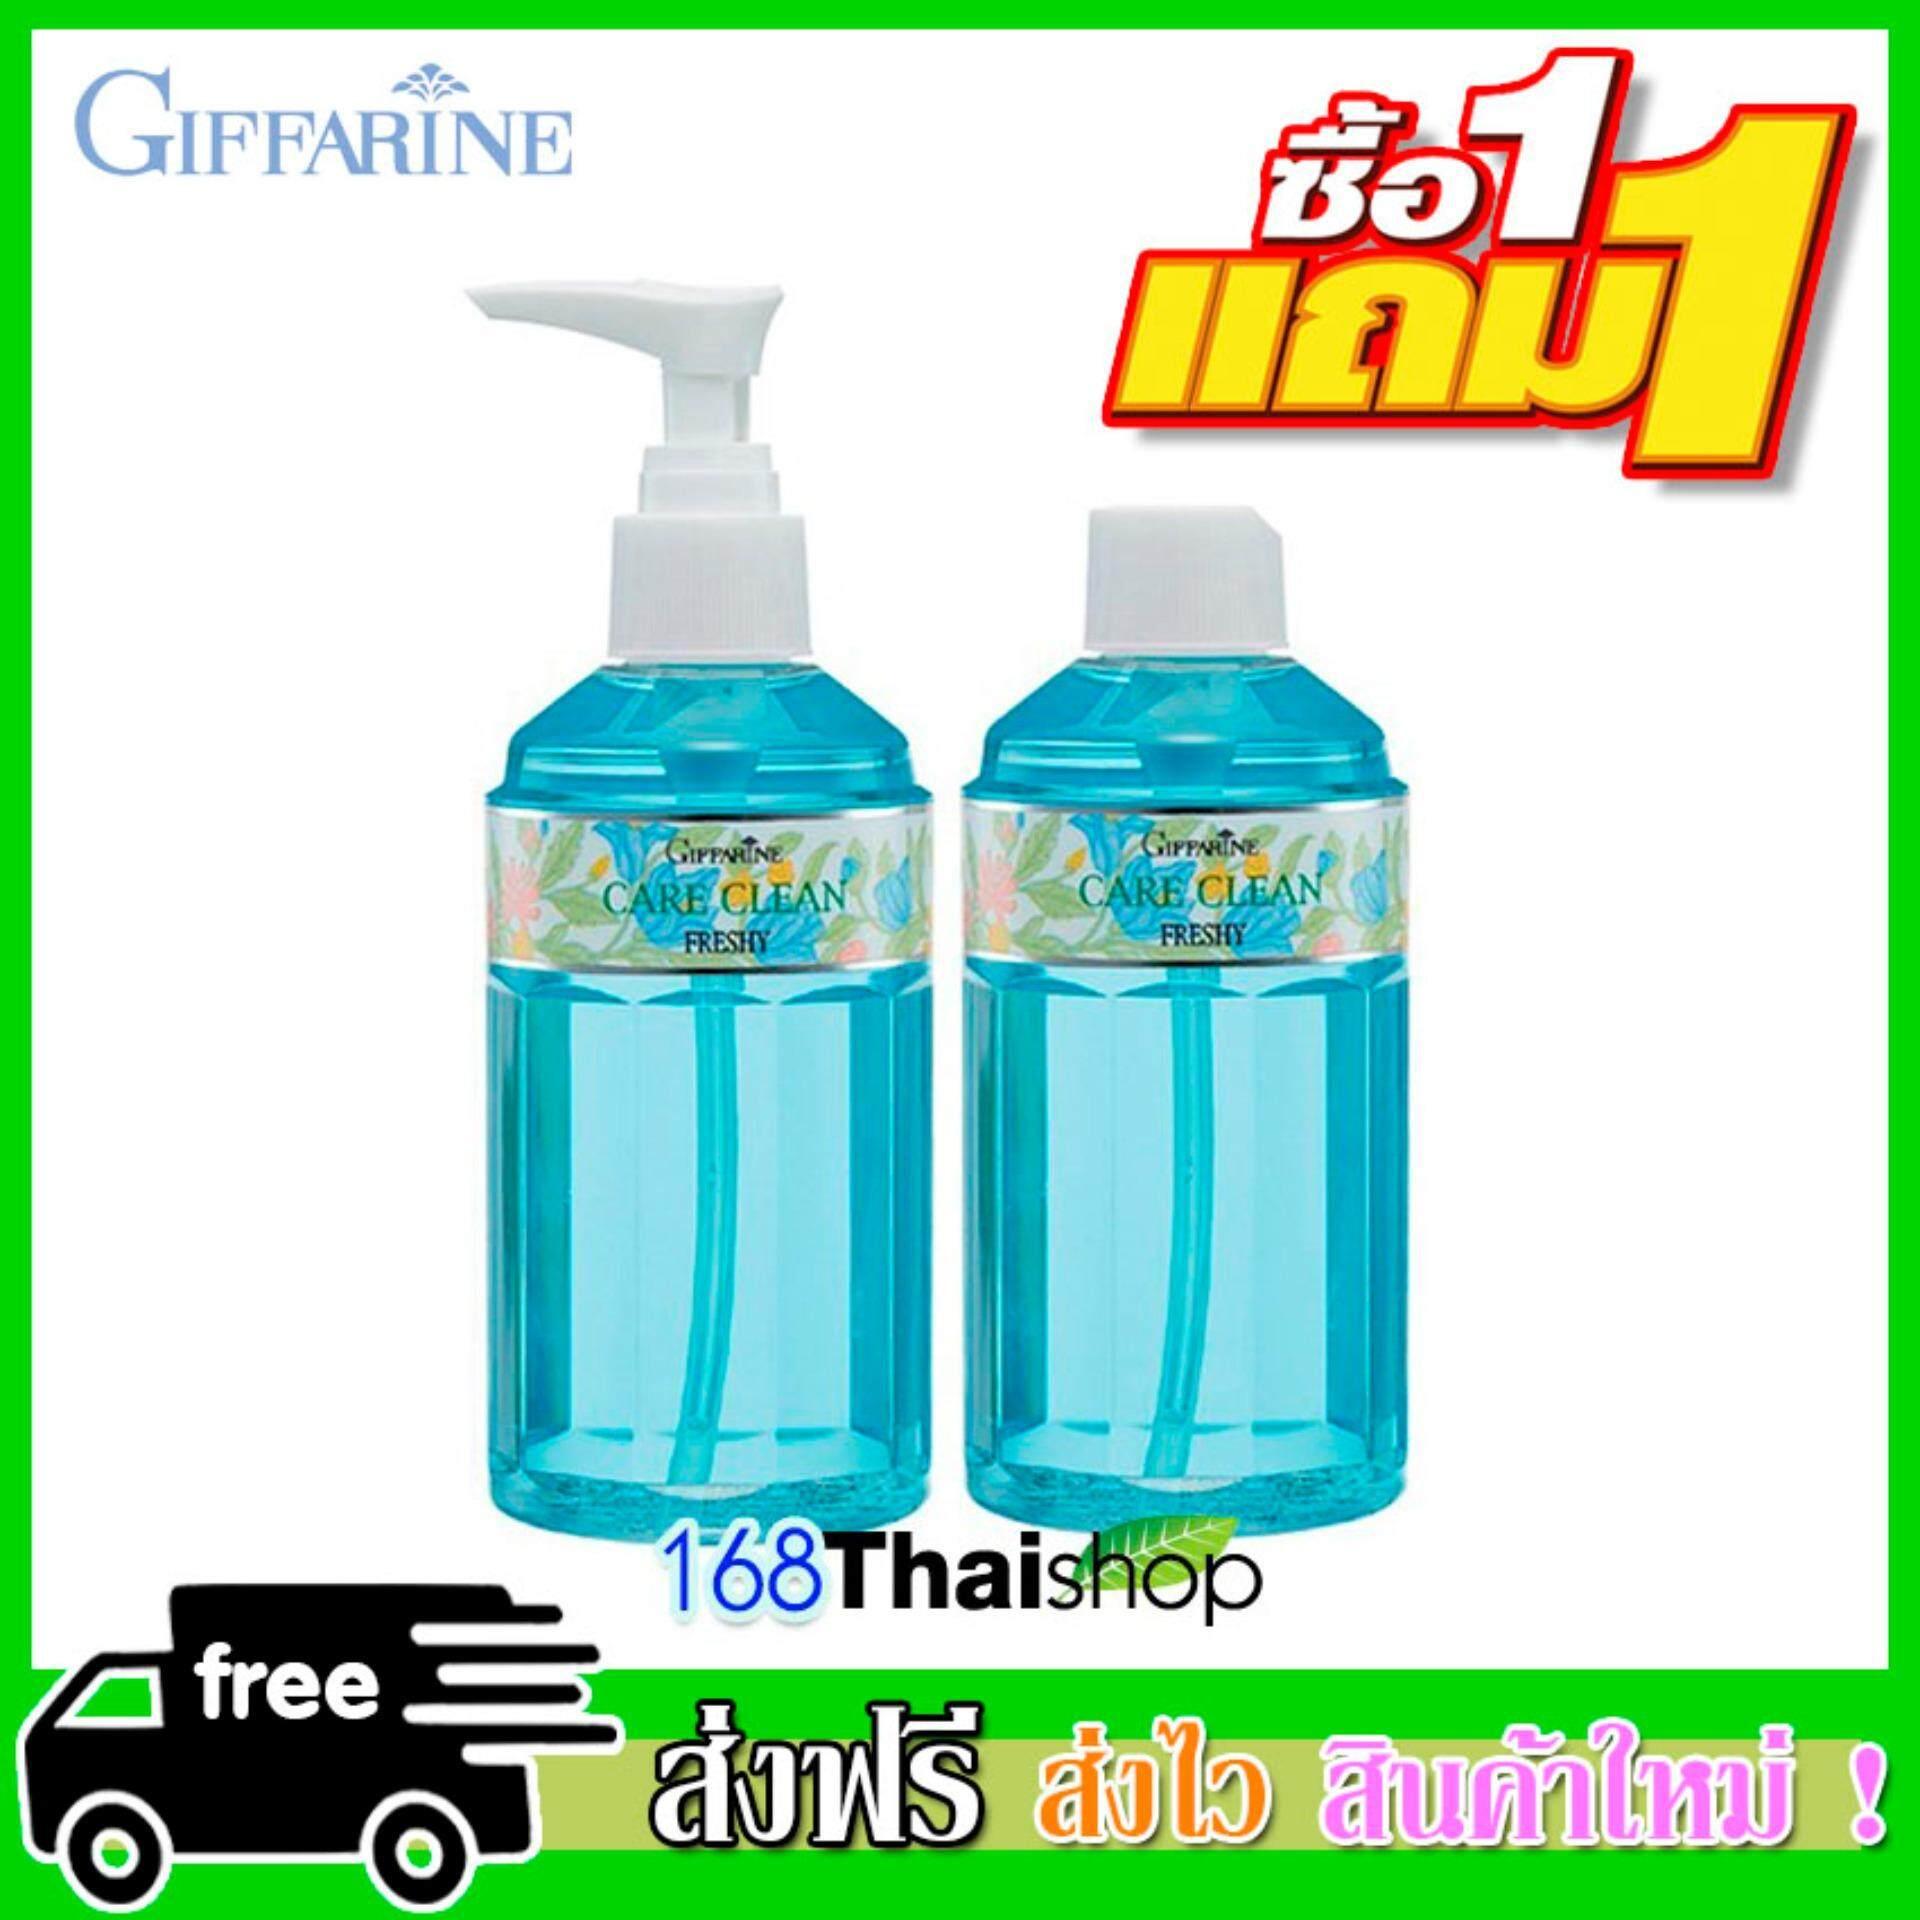 Giffarine Care Clean Freshy สบู่เหลวทำความสะอาดจุดซ่อนเร้น สูตรเย็นผสมเมนทอล เพิ่มสดชื่น 240 ml. (ขวดปั้ม และ รีฟิล )